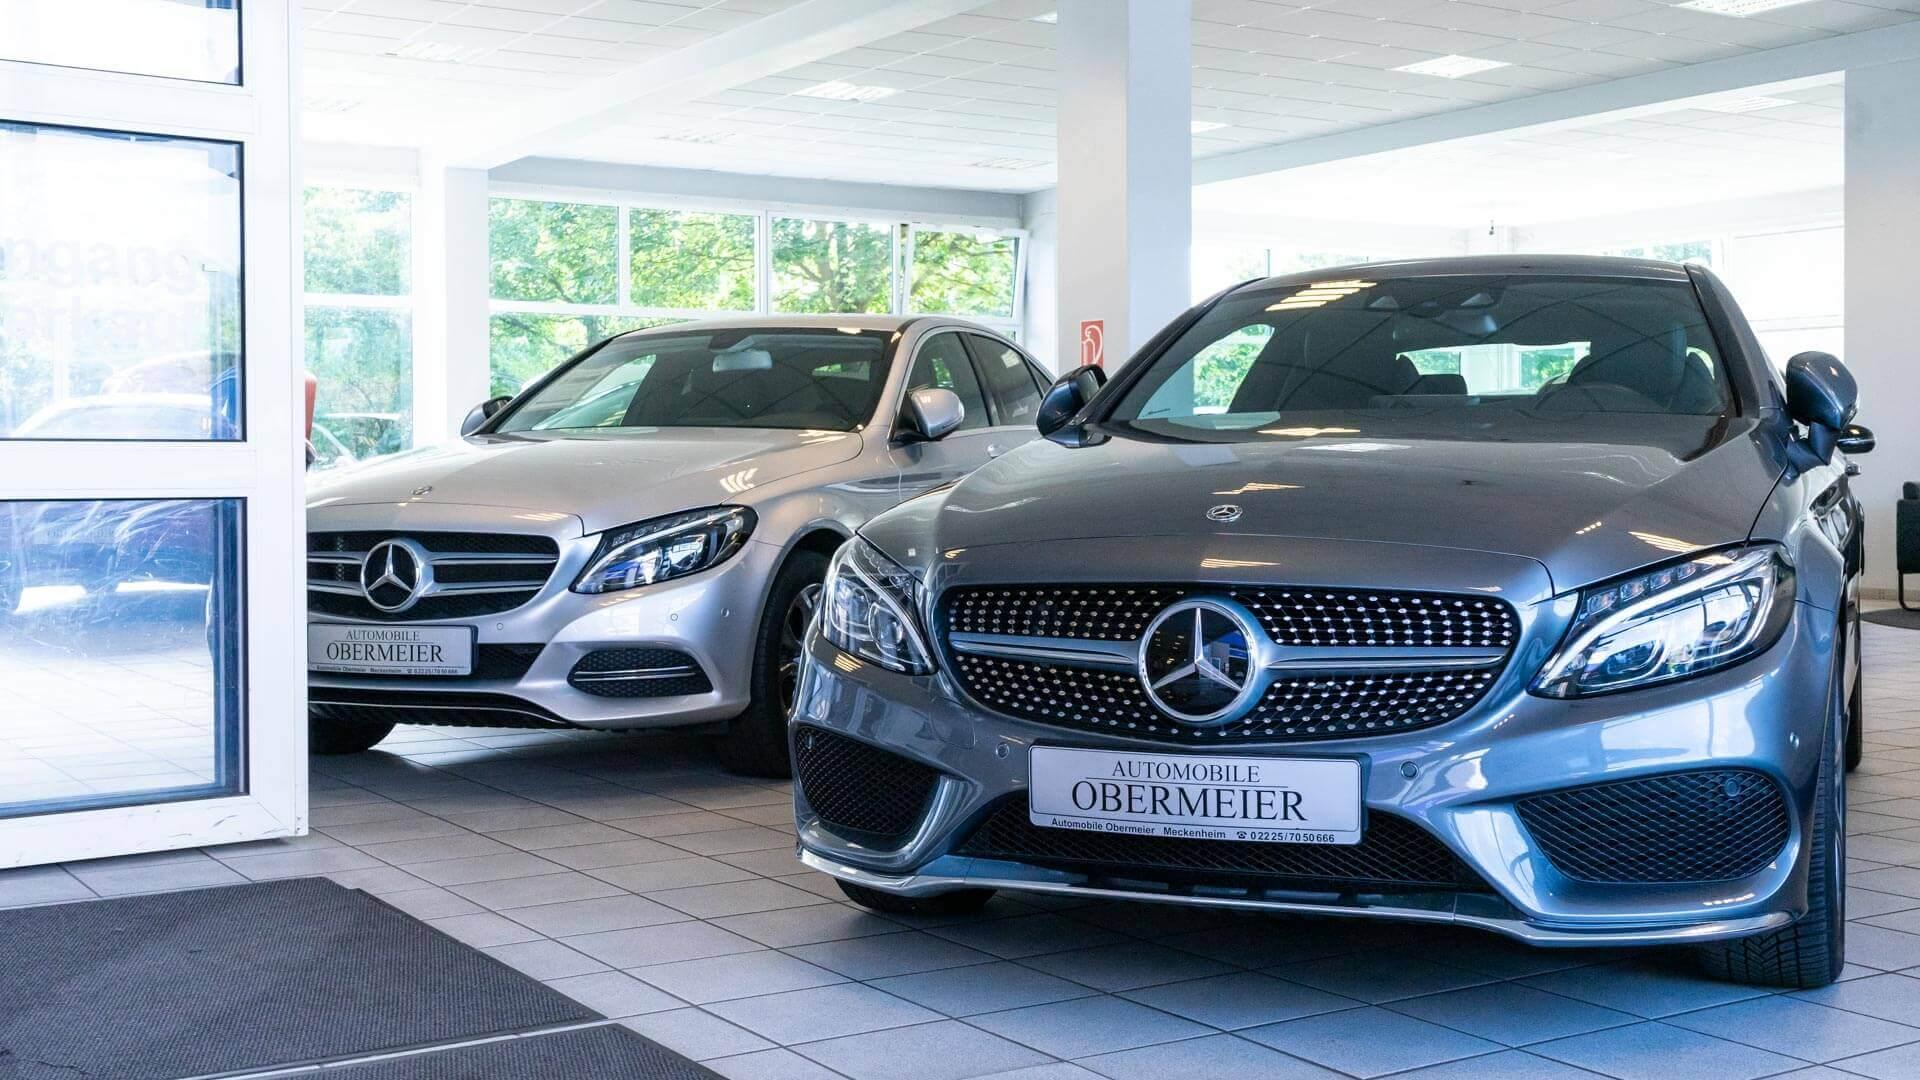 Verkaufsfläche mit Mercedes-Benz Gebrauchtwagen von Automobile Obermeier aus Meckenheim